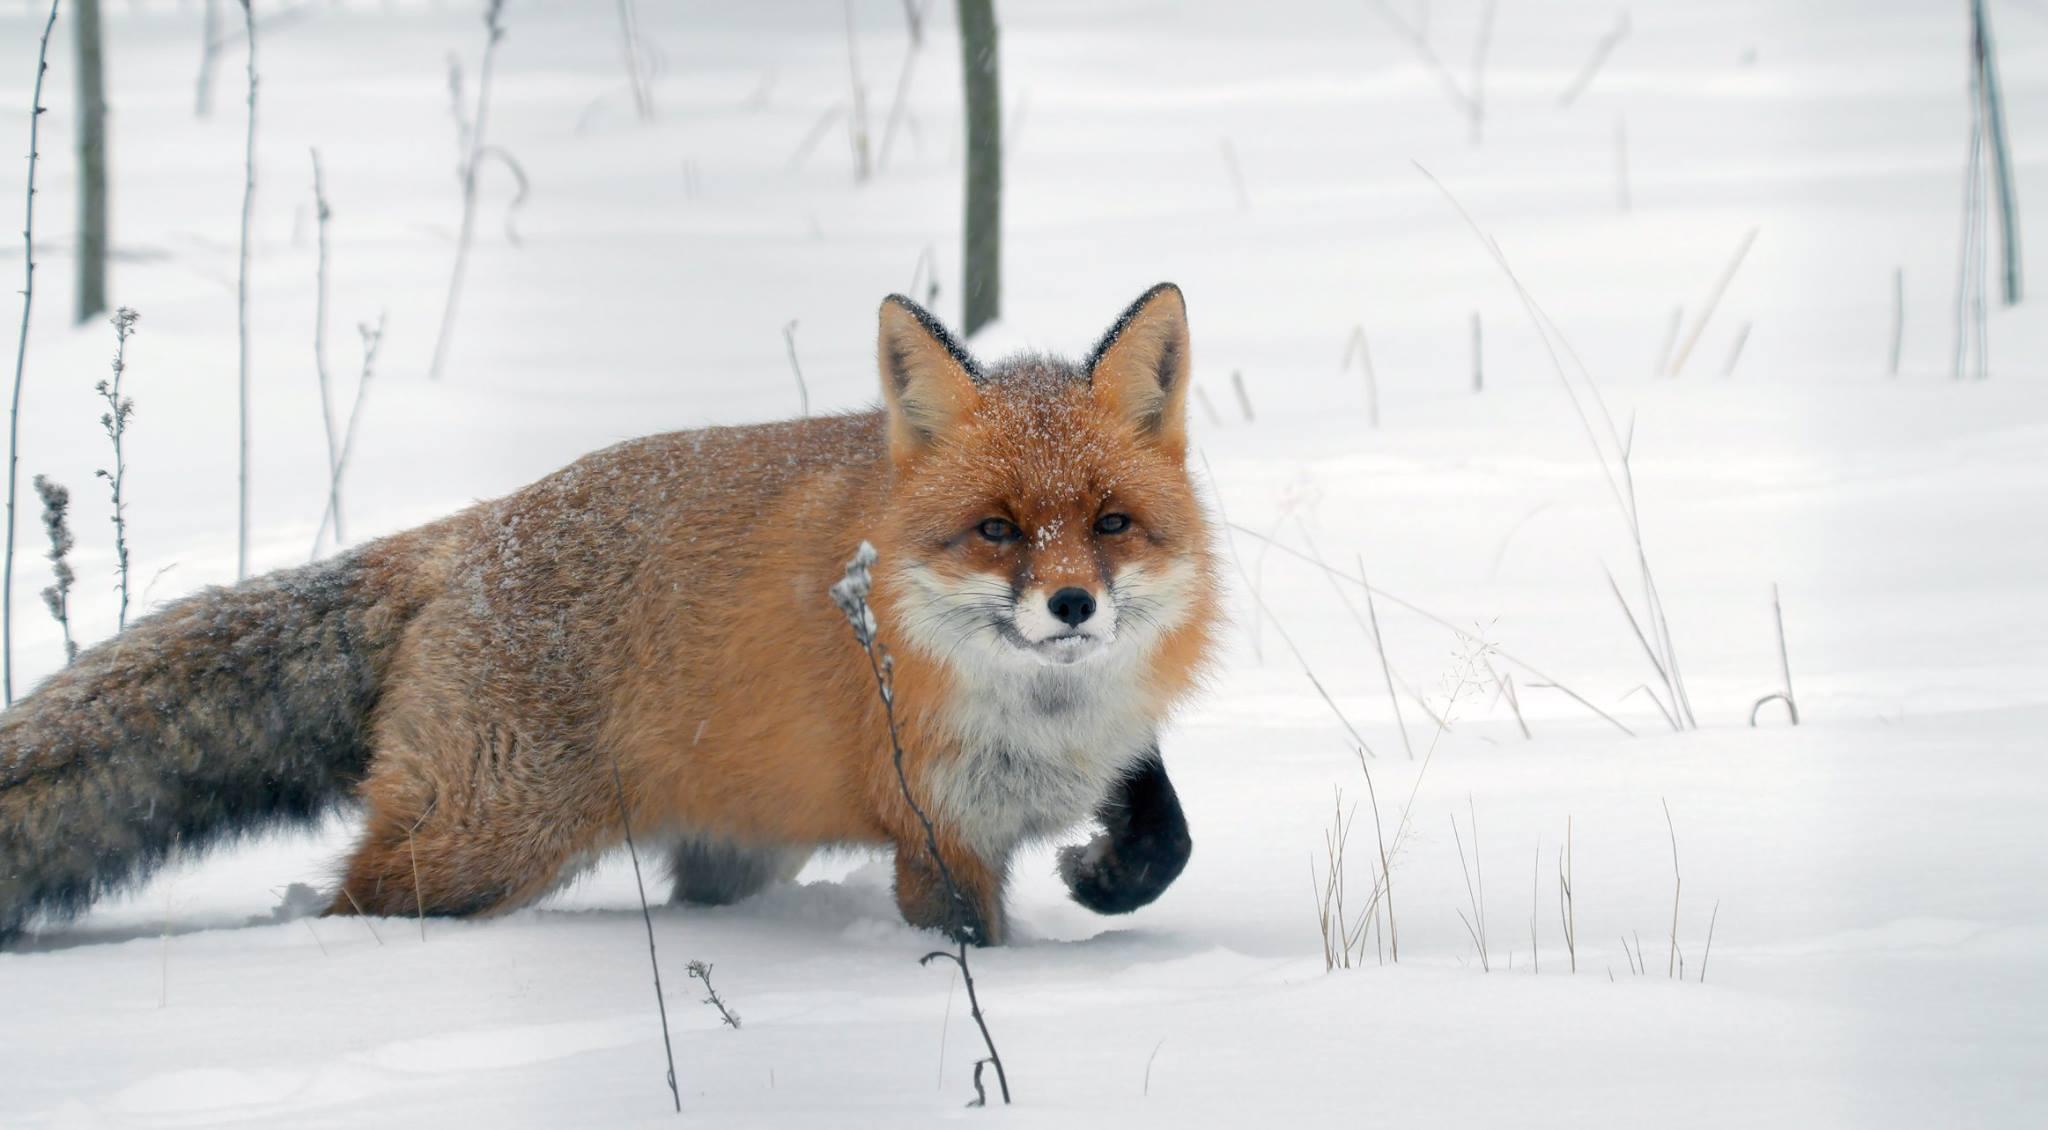 Лиса.Хитрый.Снег., Илья Бышнёв